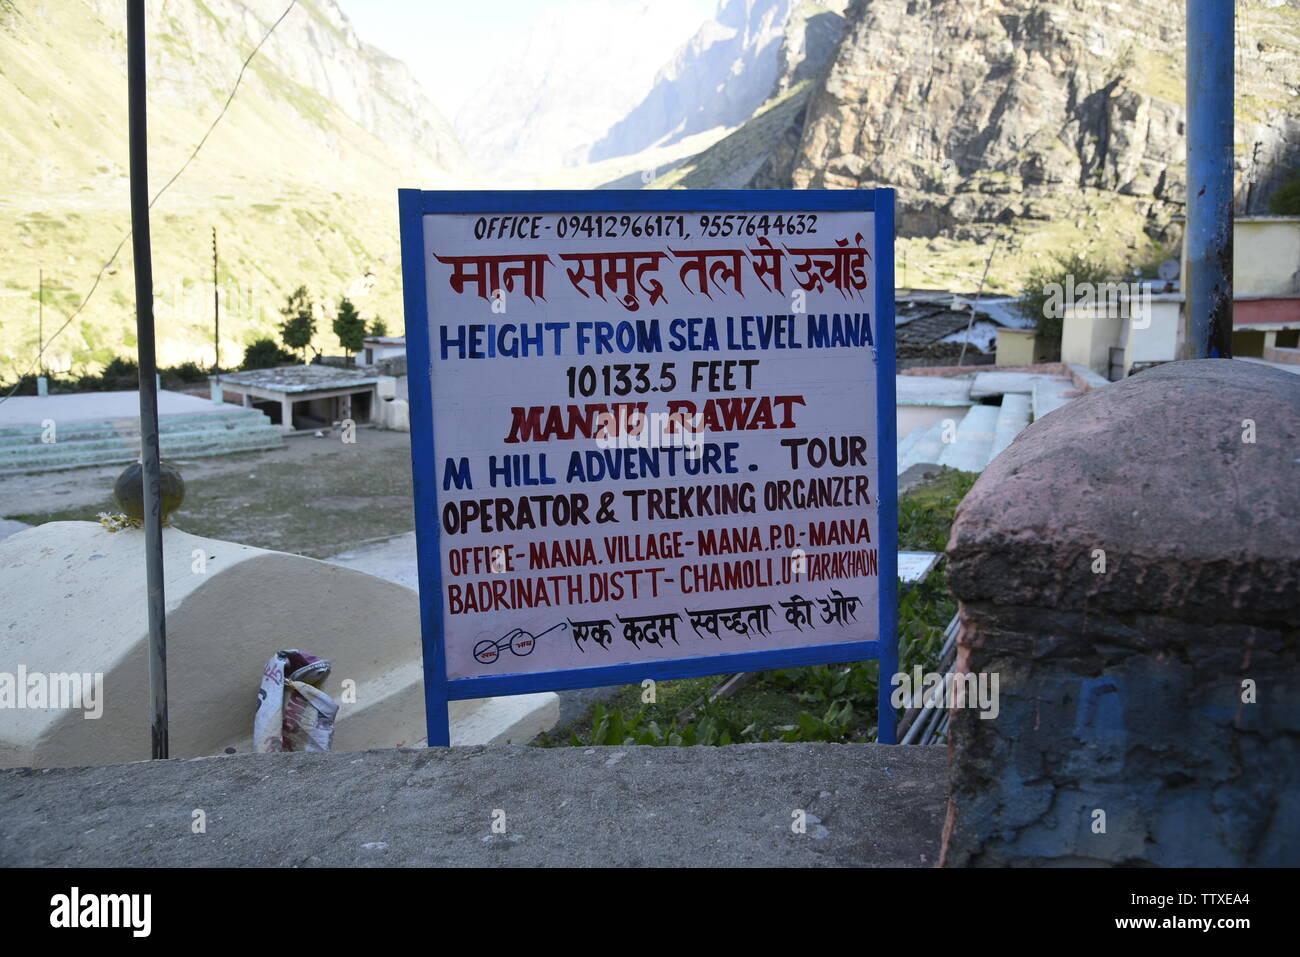 India la última aldea aldea de maná 2019 en el Tíbet, cerca de la Frontera , Badrniath Chamoli, Rudrapryag, India, Asia Foto de stock